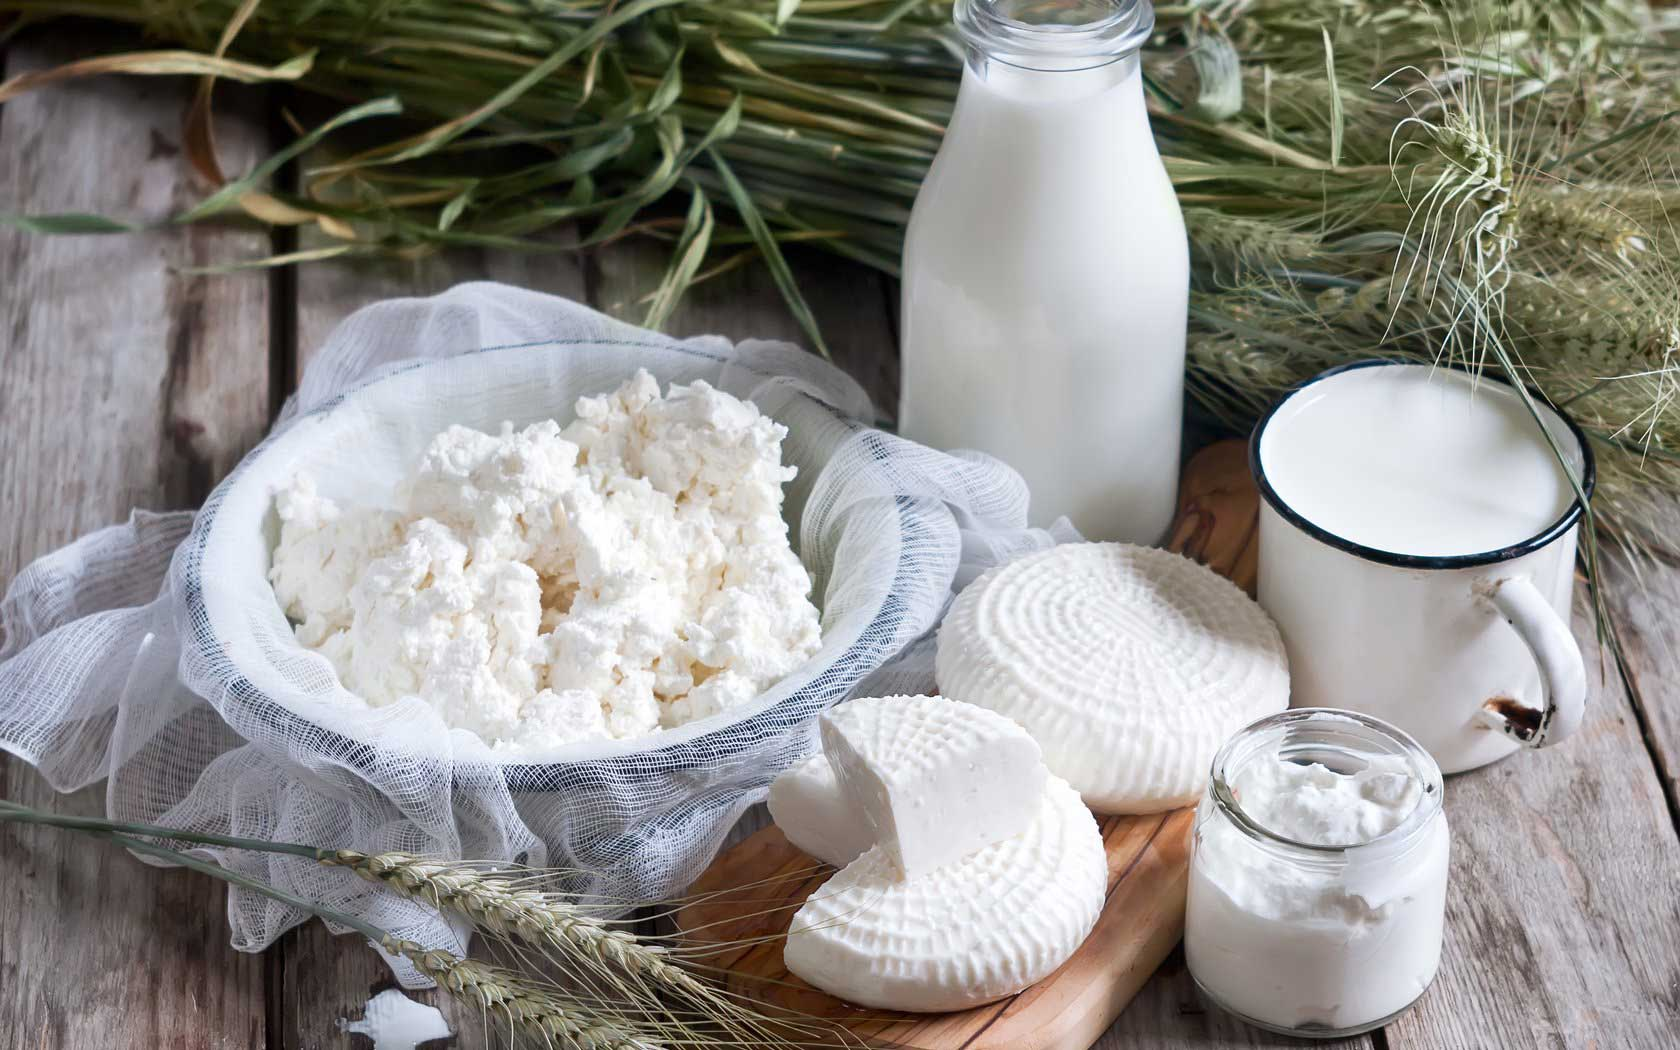 Полный список продуктов для правильного питания и снижения веса